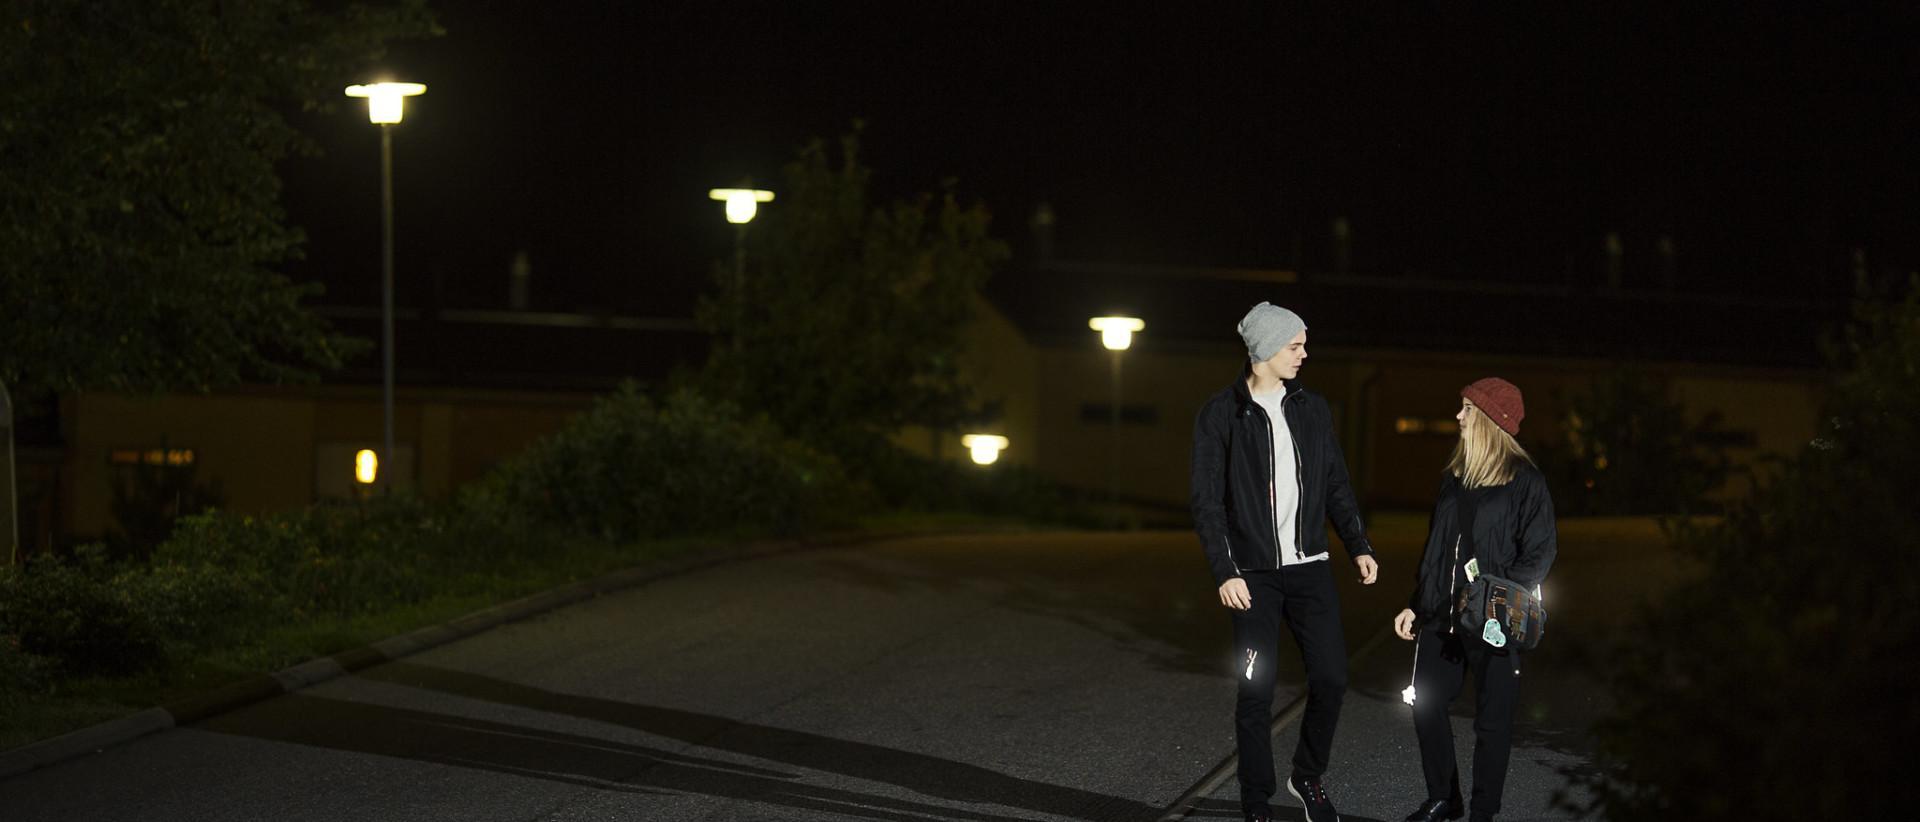 Kuvassa kaksi nuorta heijastimin varustautunutta jalankulkijaa